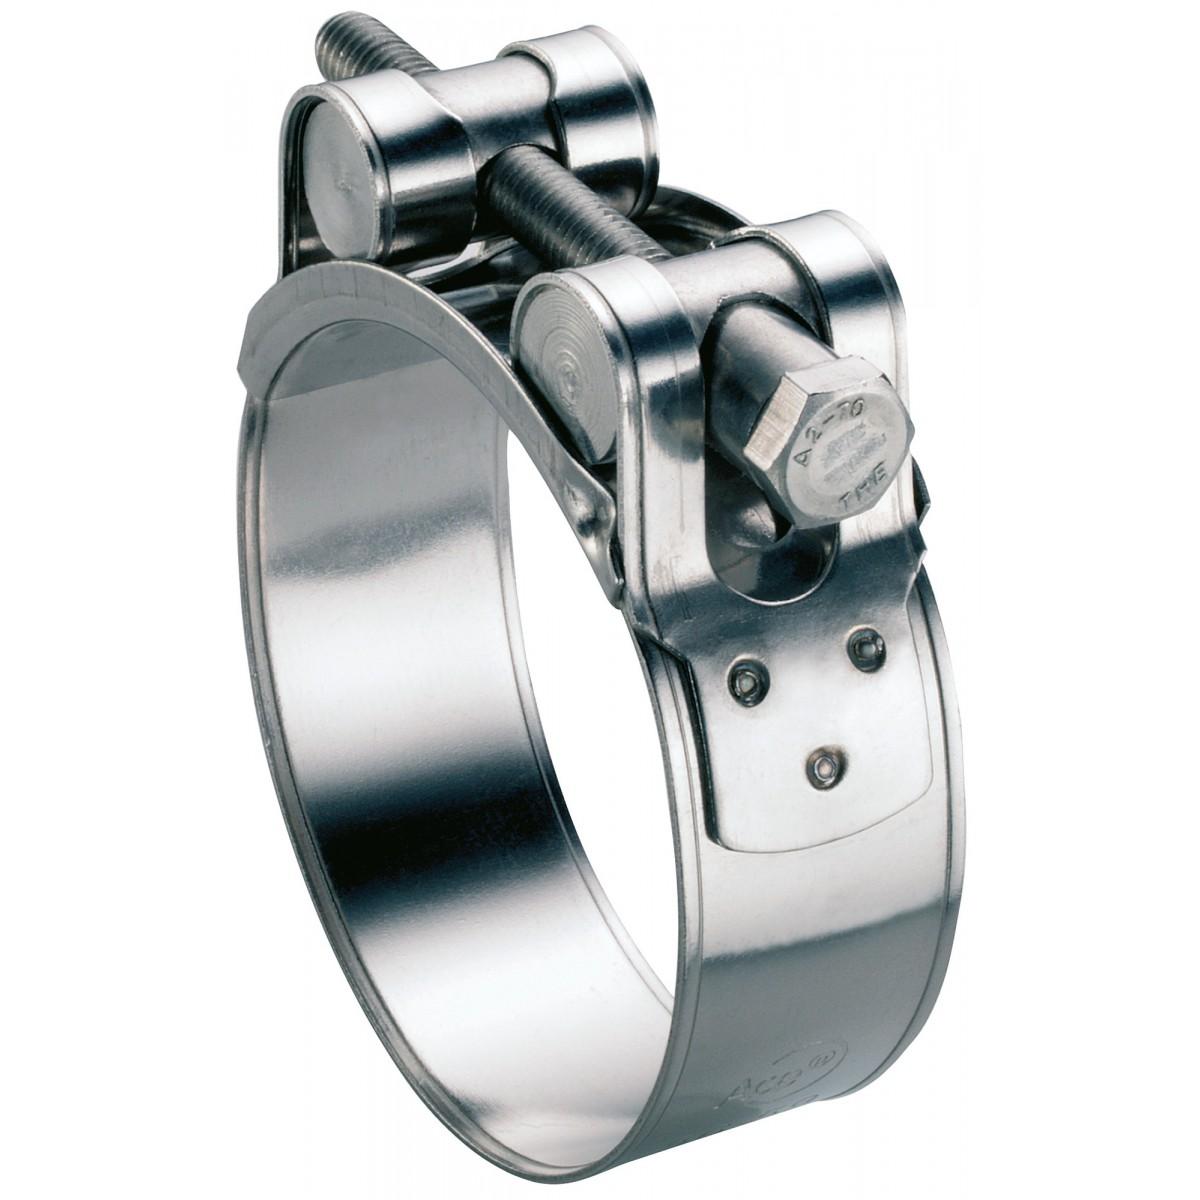 Collier à tourillons inox W4 Ace - Diamètre 29 - 31 mm - Vendu par 5